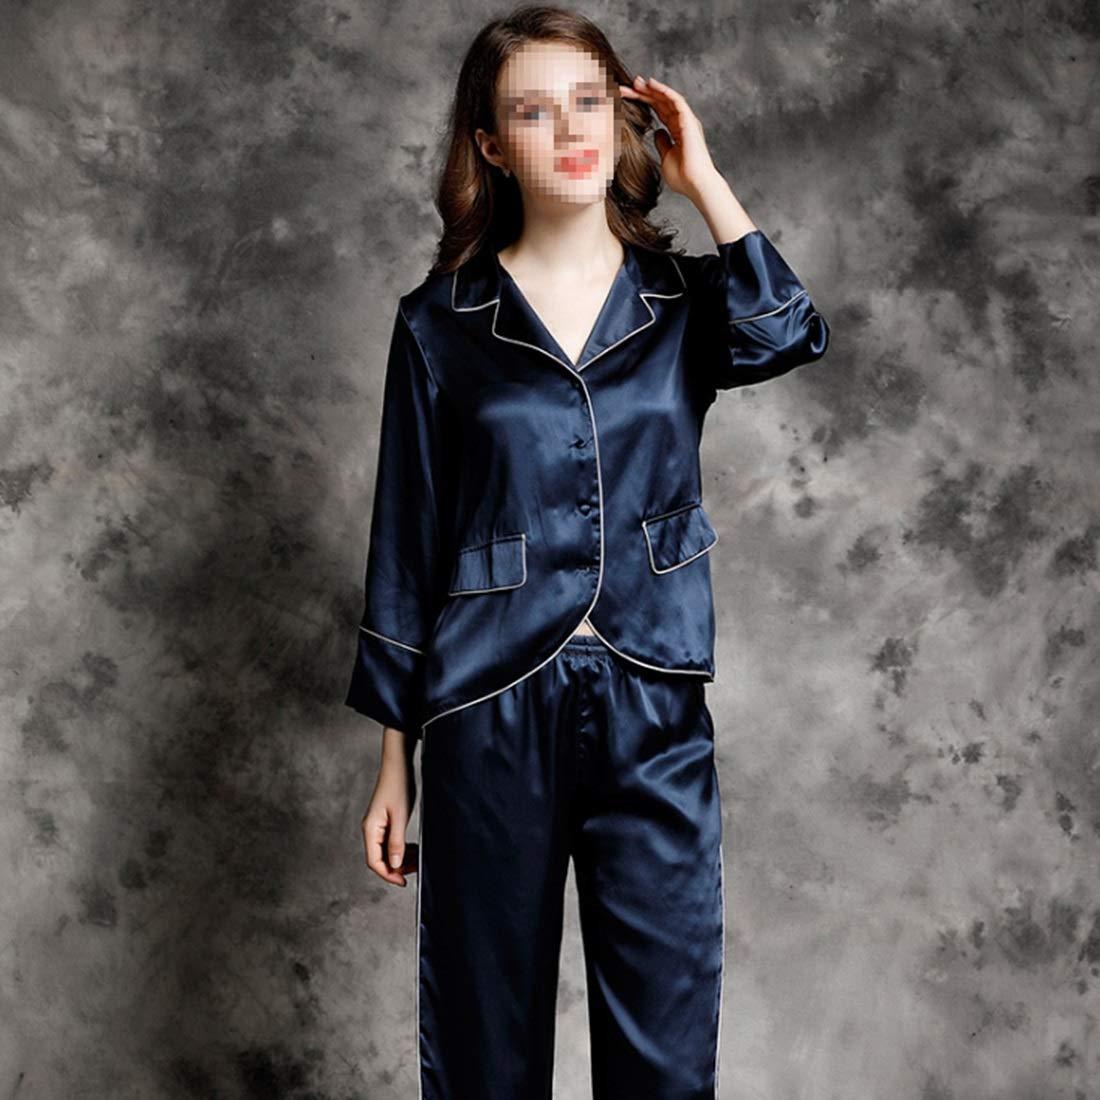 2 YUKILO Pajamas Women's Long Sleeve Sleepwear Soft Silk Pj Set LXXL (color   05, Size   XXL)